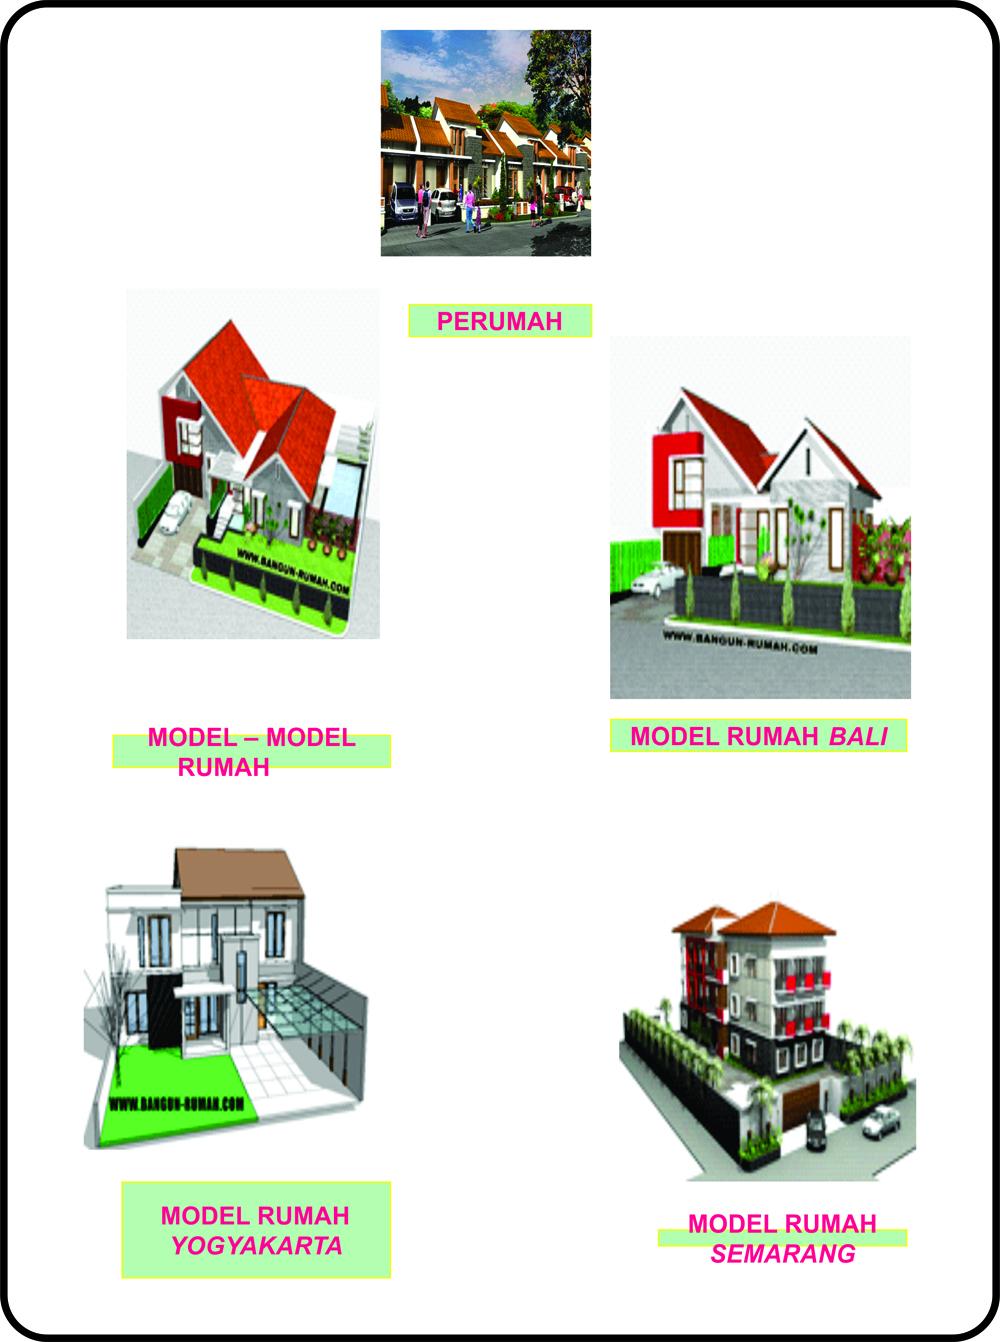 Ragam ide Desain Rumah Minimalis Ukuran 6 X 12 M 2015 yg elegan